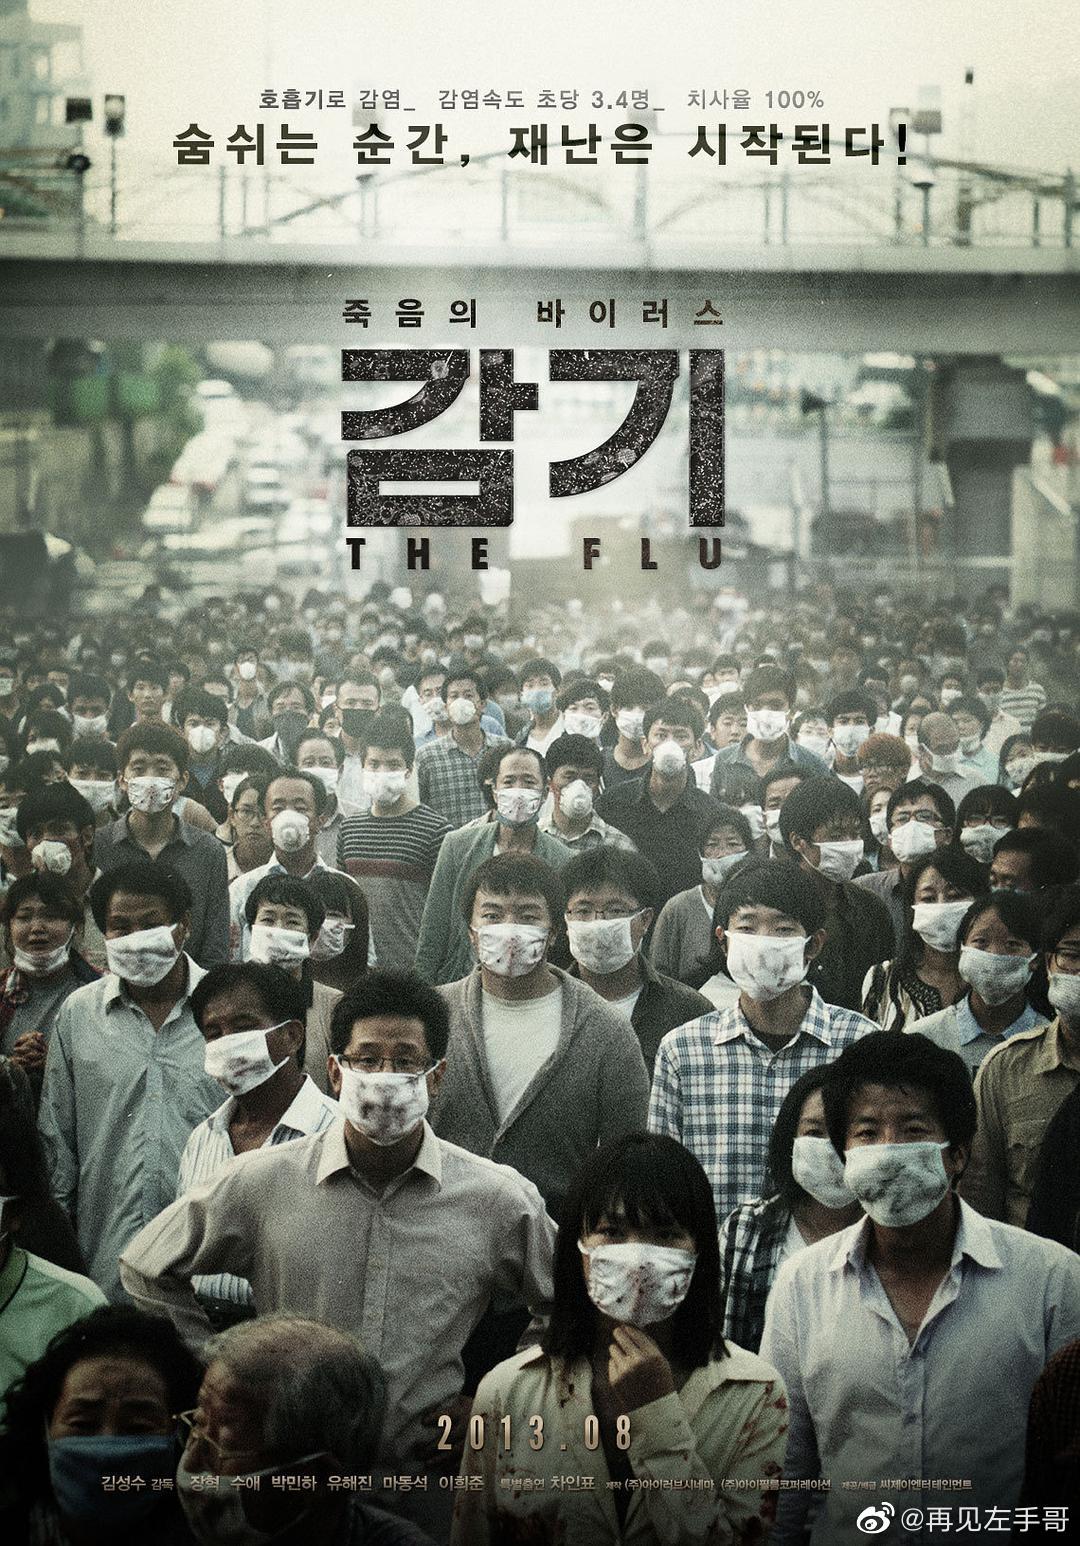 在这个时间点,重温一下豆瓣7.9分的韩国电影《流感》,你就会发现